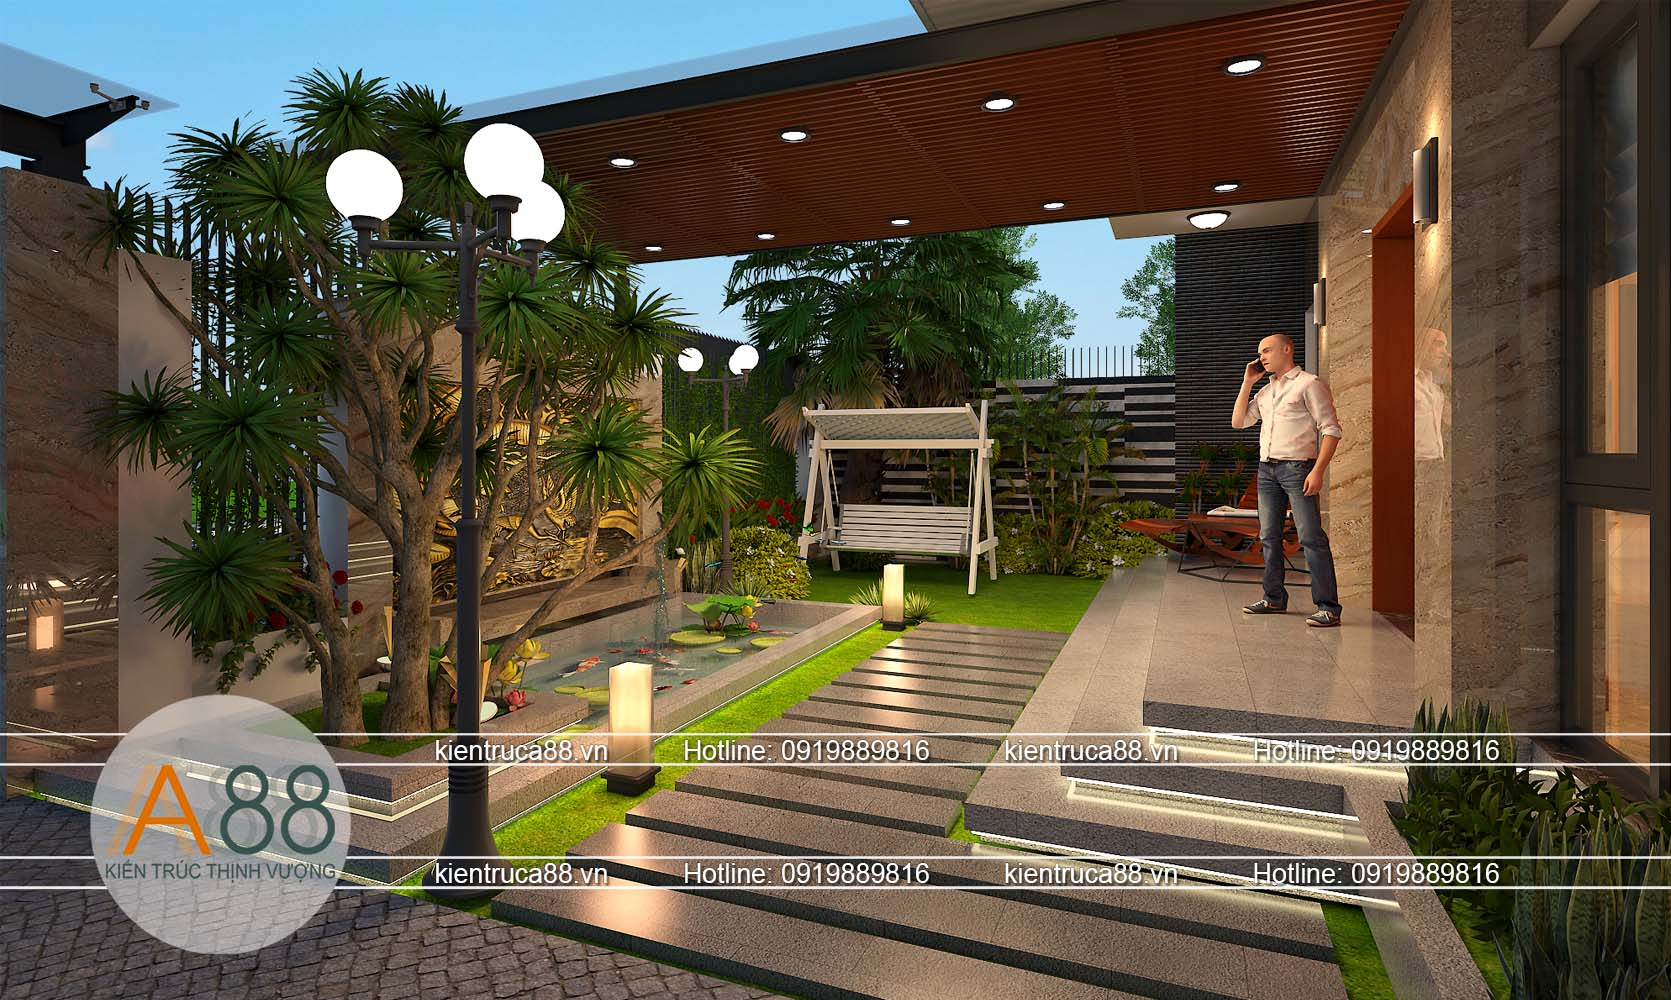 công ty thiết kế biệt thự hiện đại tại Bắc Giang